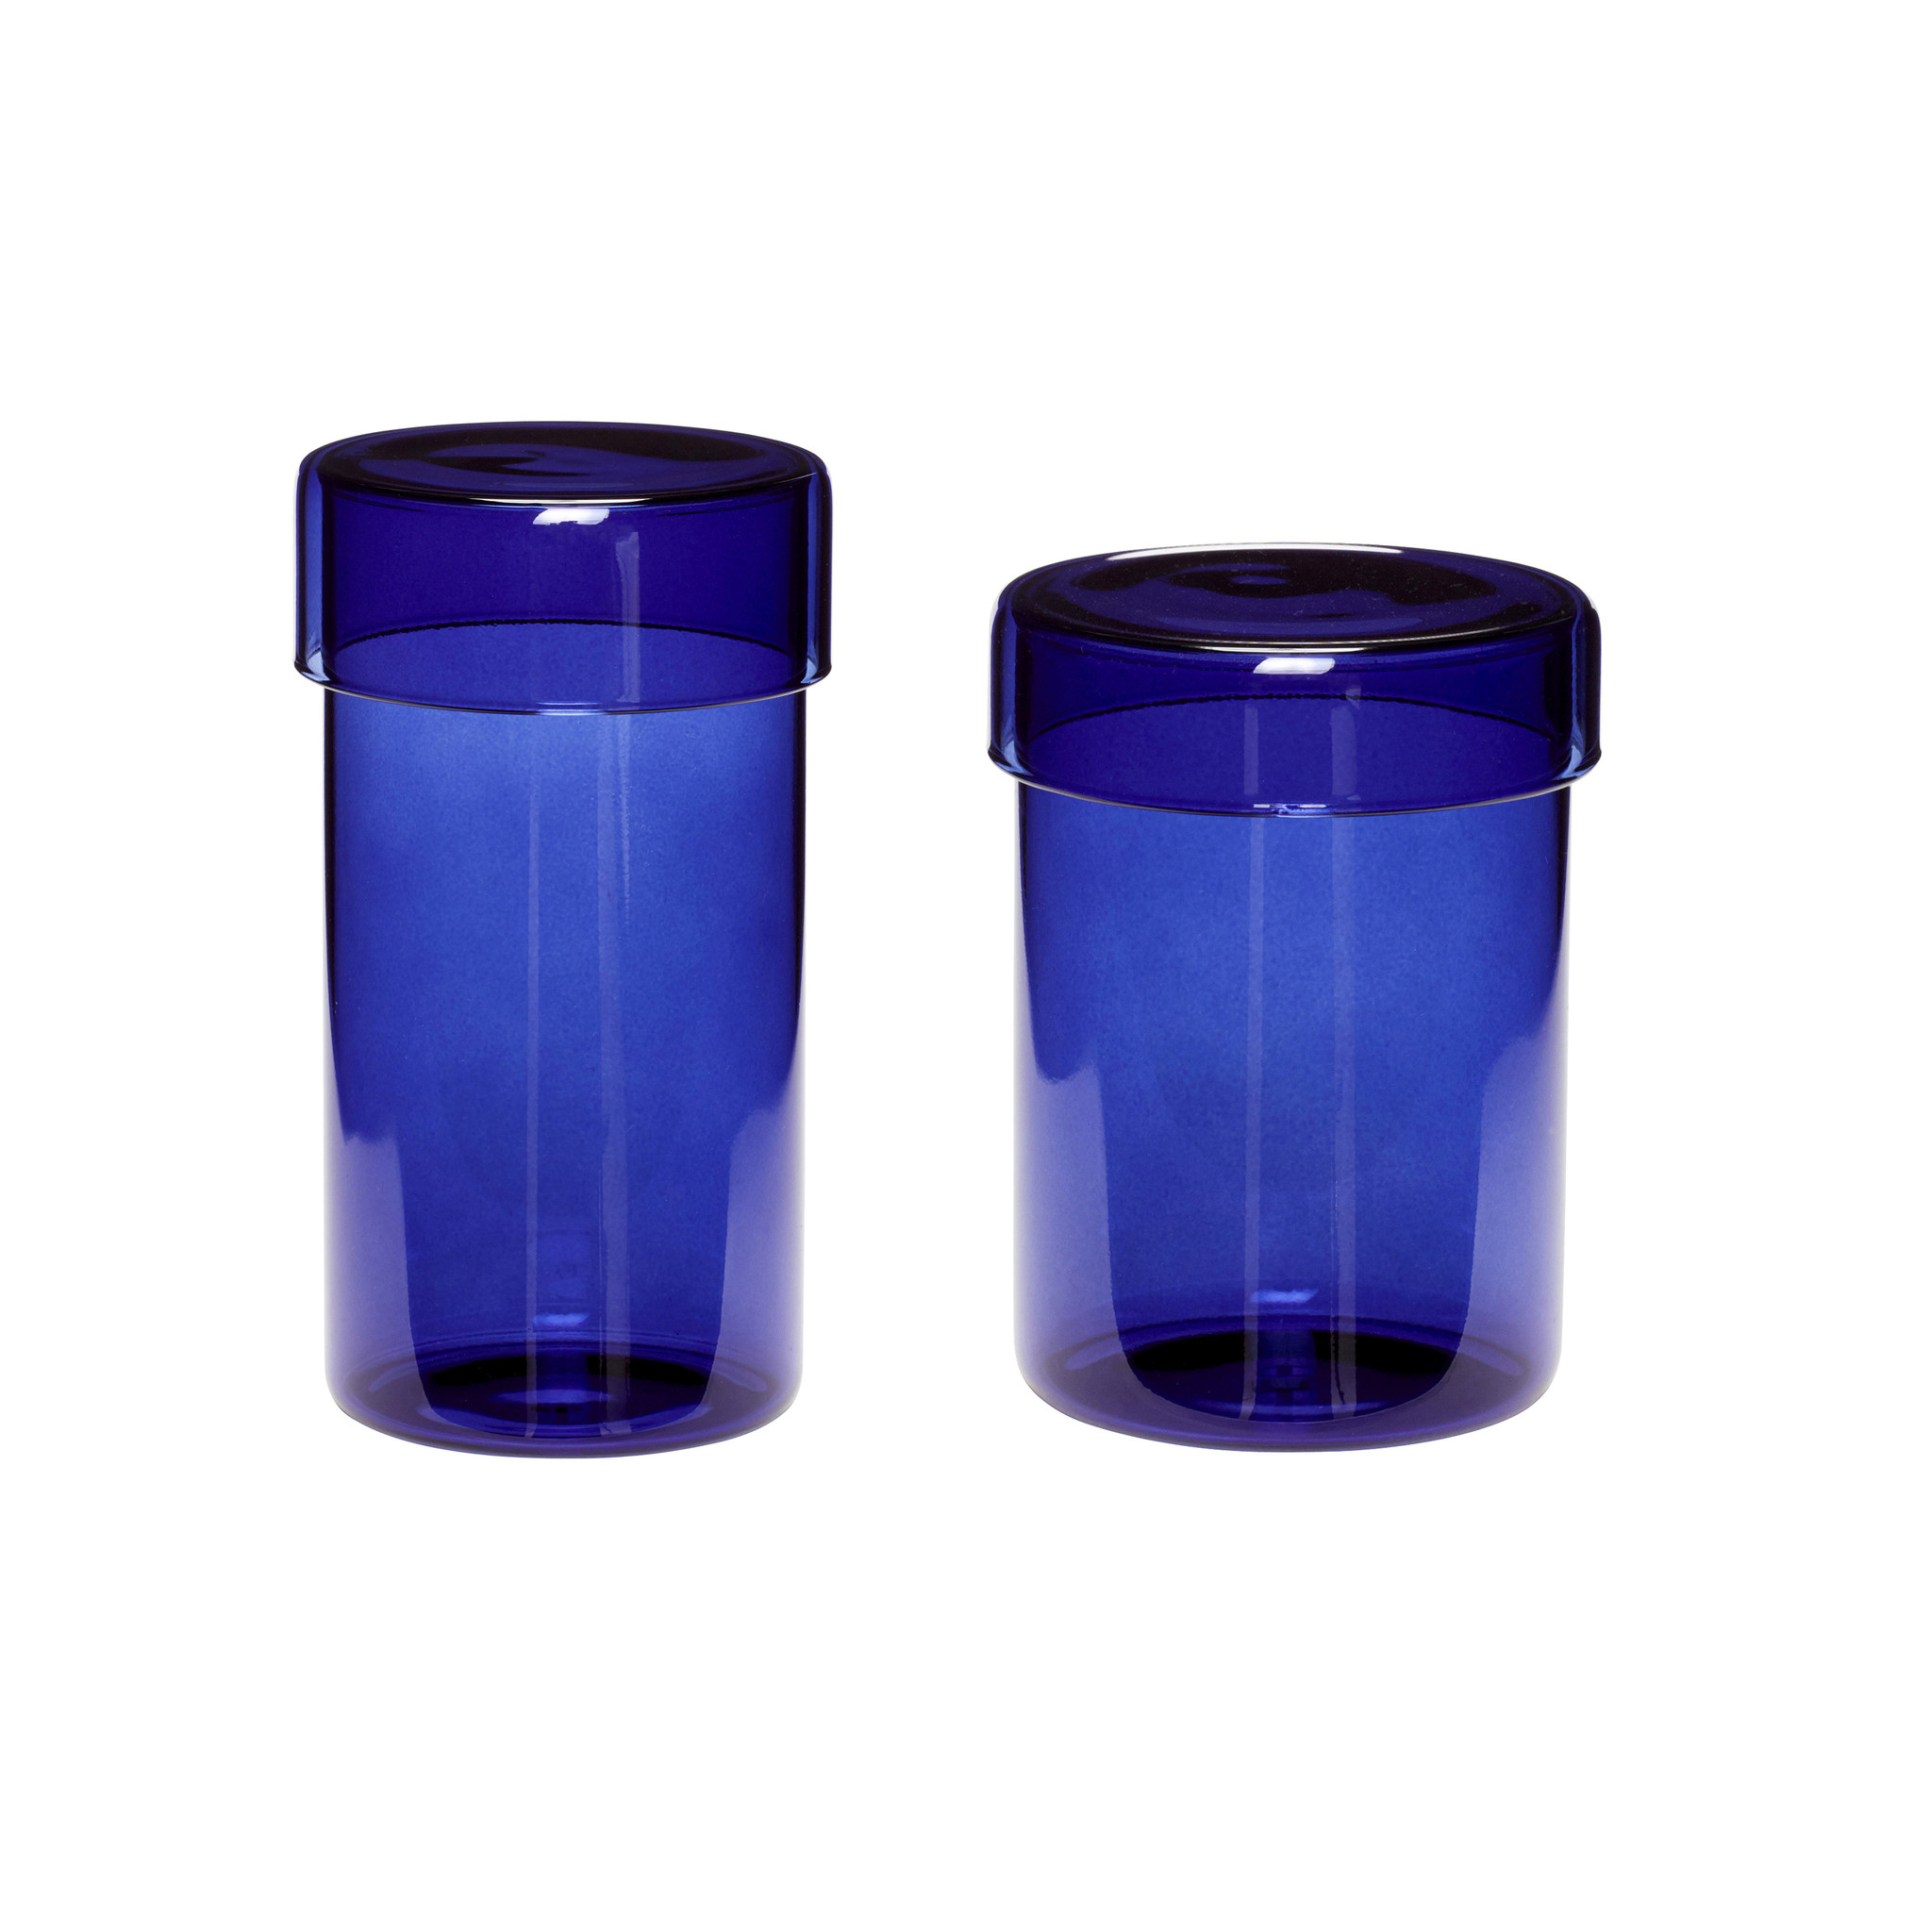 Hubsch Voorraadpot met deksel, glas, blauw, set van 2-660913-5712772070024